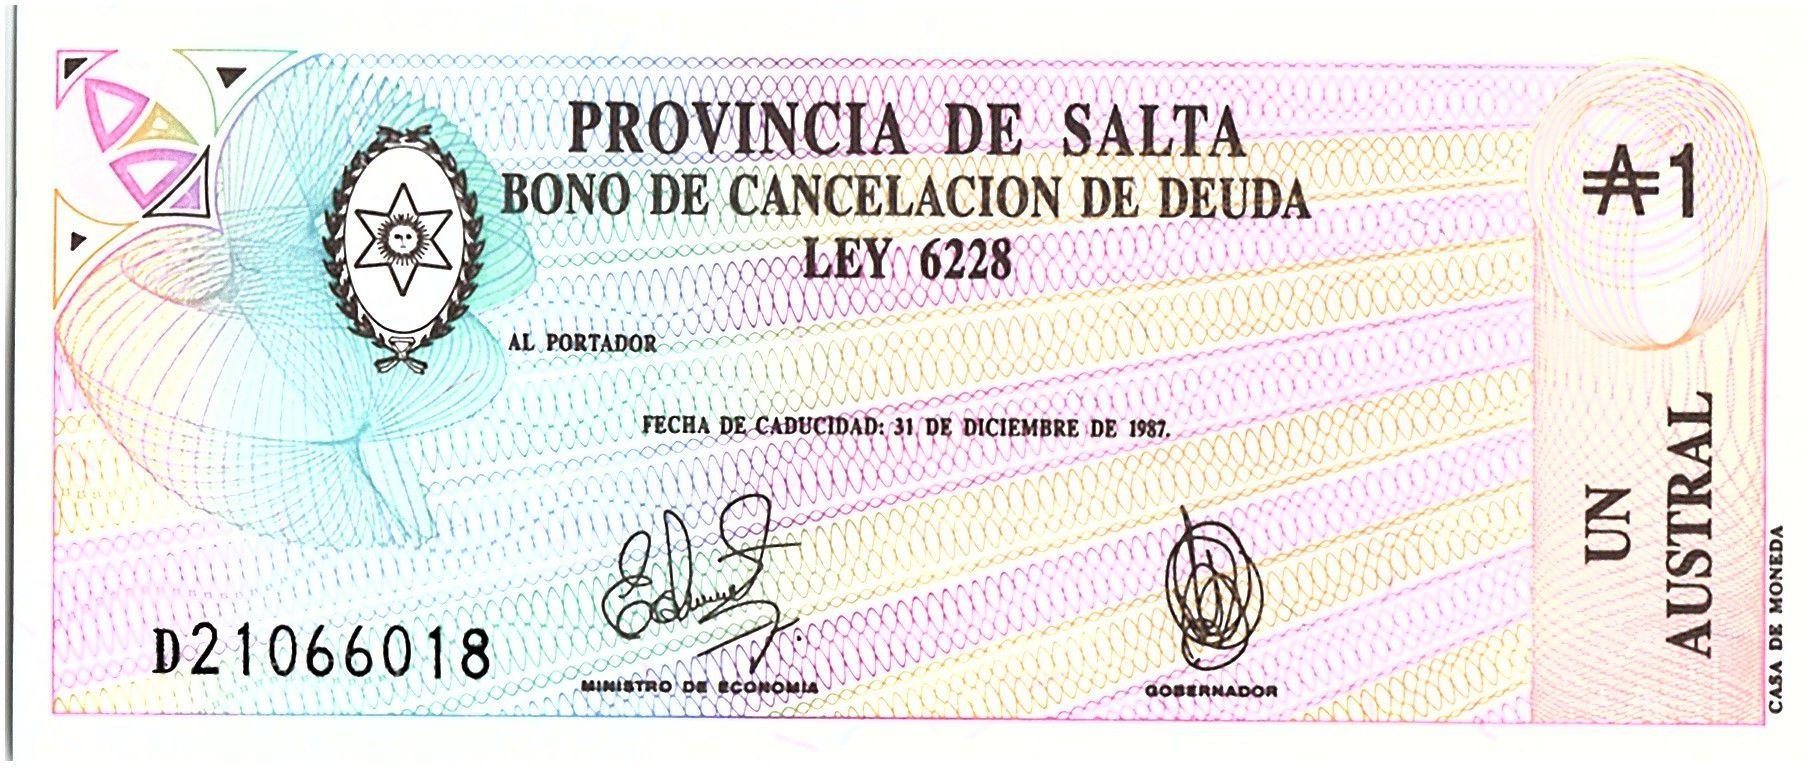 Argentina 1 austral , Province of Salta - 1987